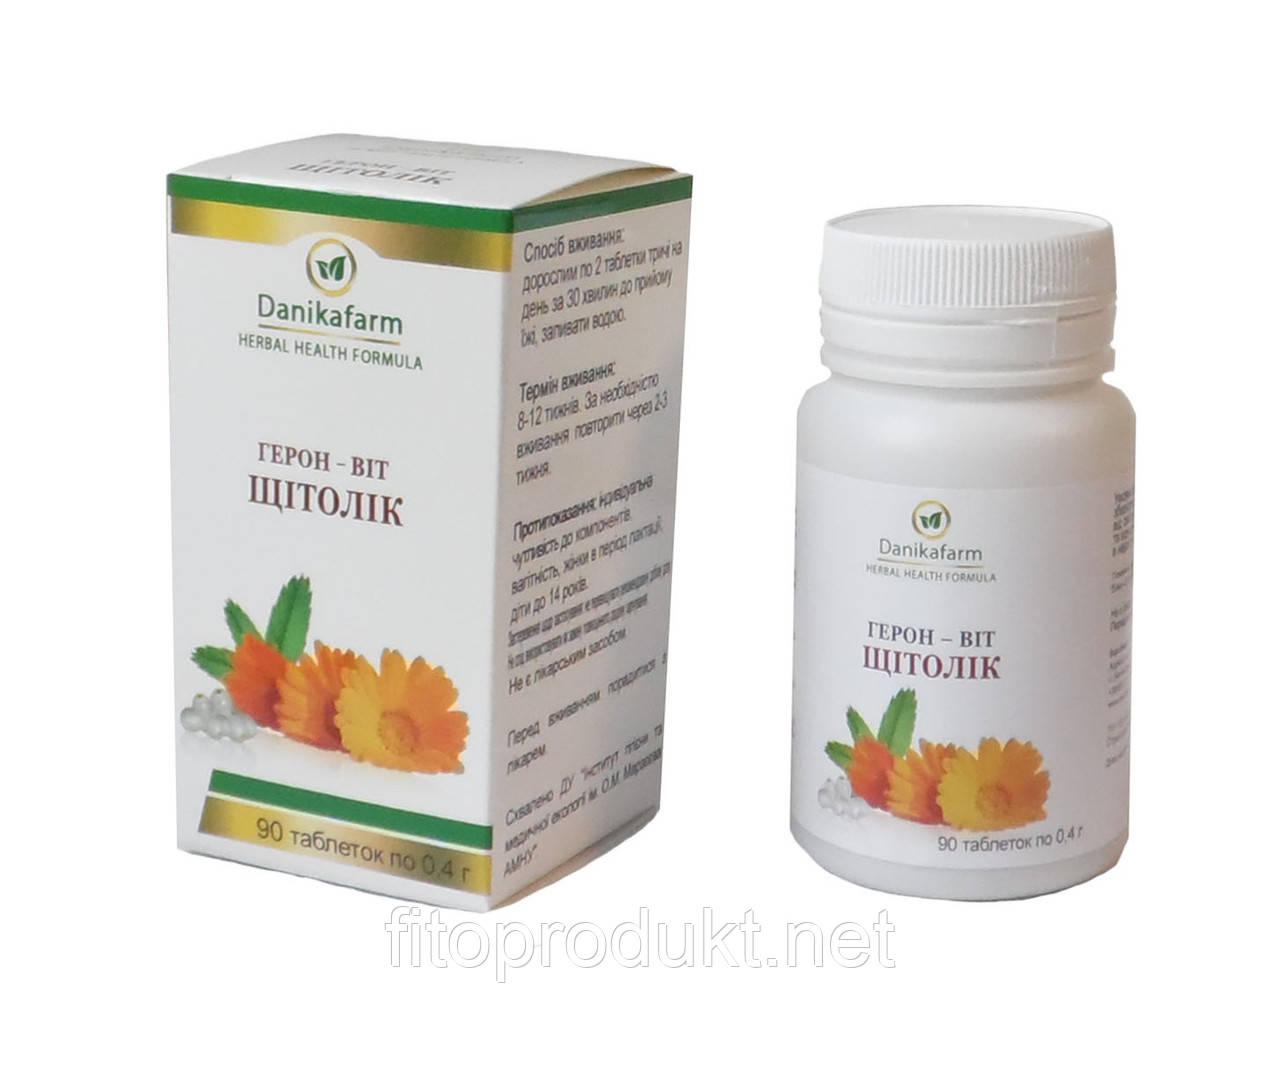 Щитолек для щитовидної залози Герон-віт 90 таблеток Даникафарм